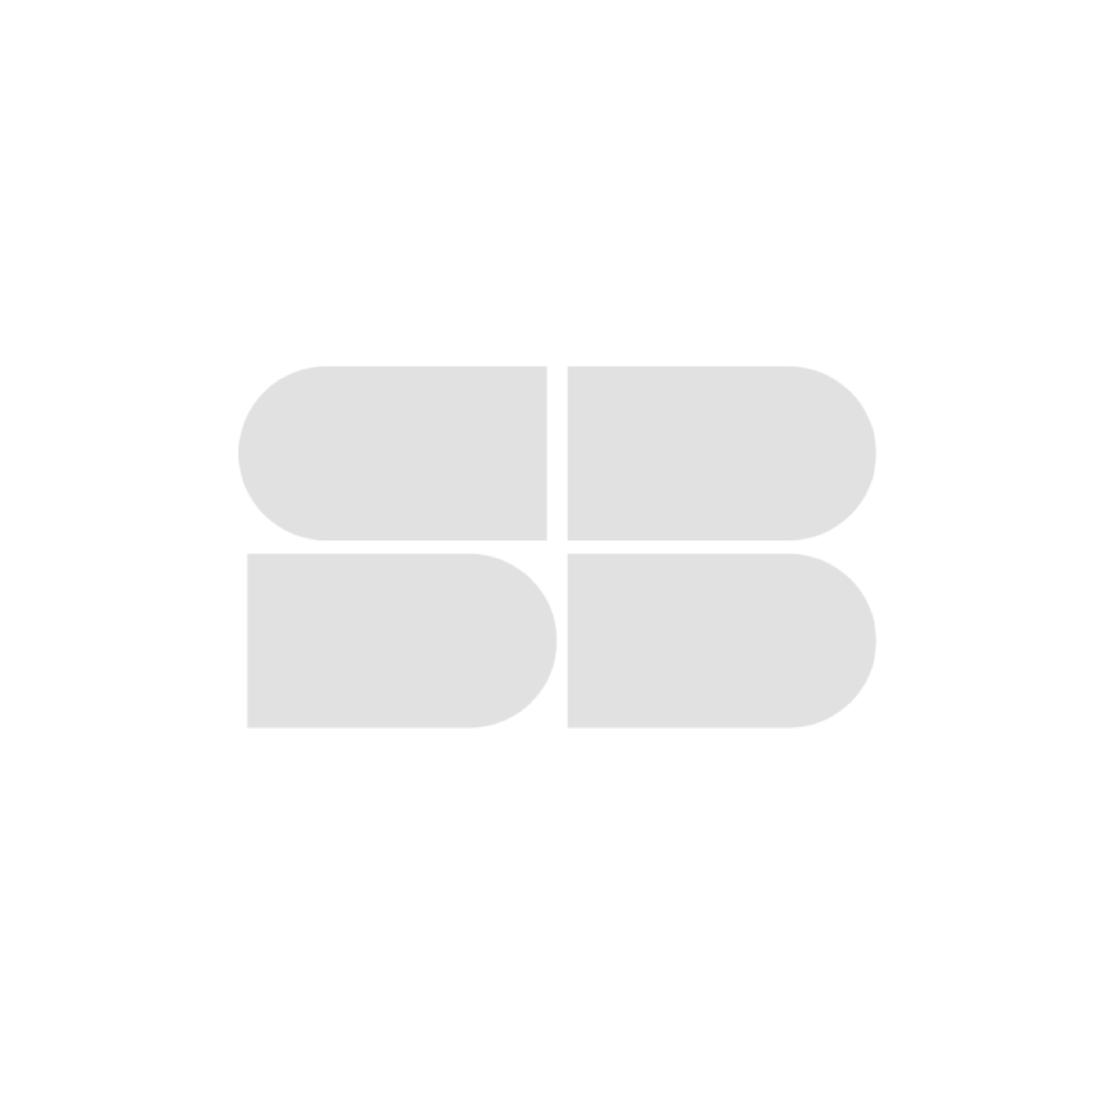 39013164-mattress-bedding-mattresses-spring-mattresses-31